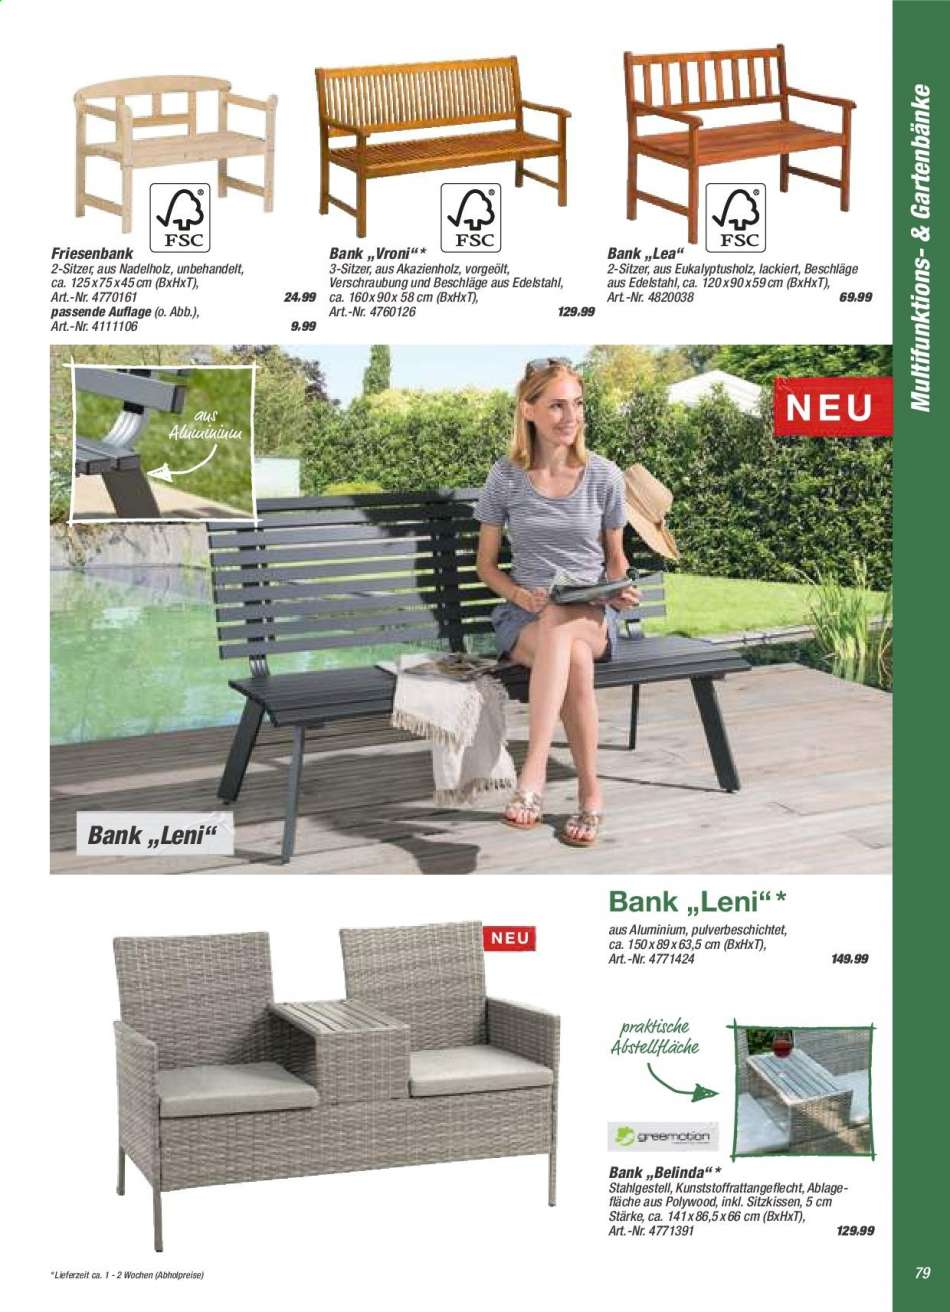 Full Size of Toom Baumarkt Aktuelle Prospekte Rabatt Kompass Relaxsessel Garten Aldi Wohnzimmer Aldi Gartenbank